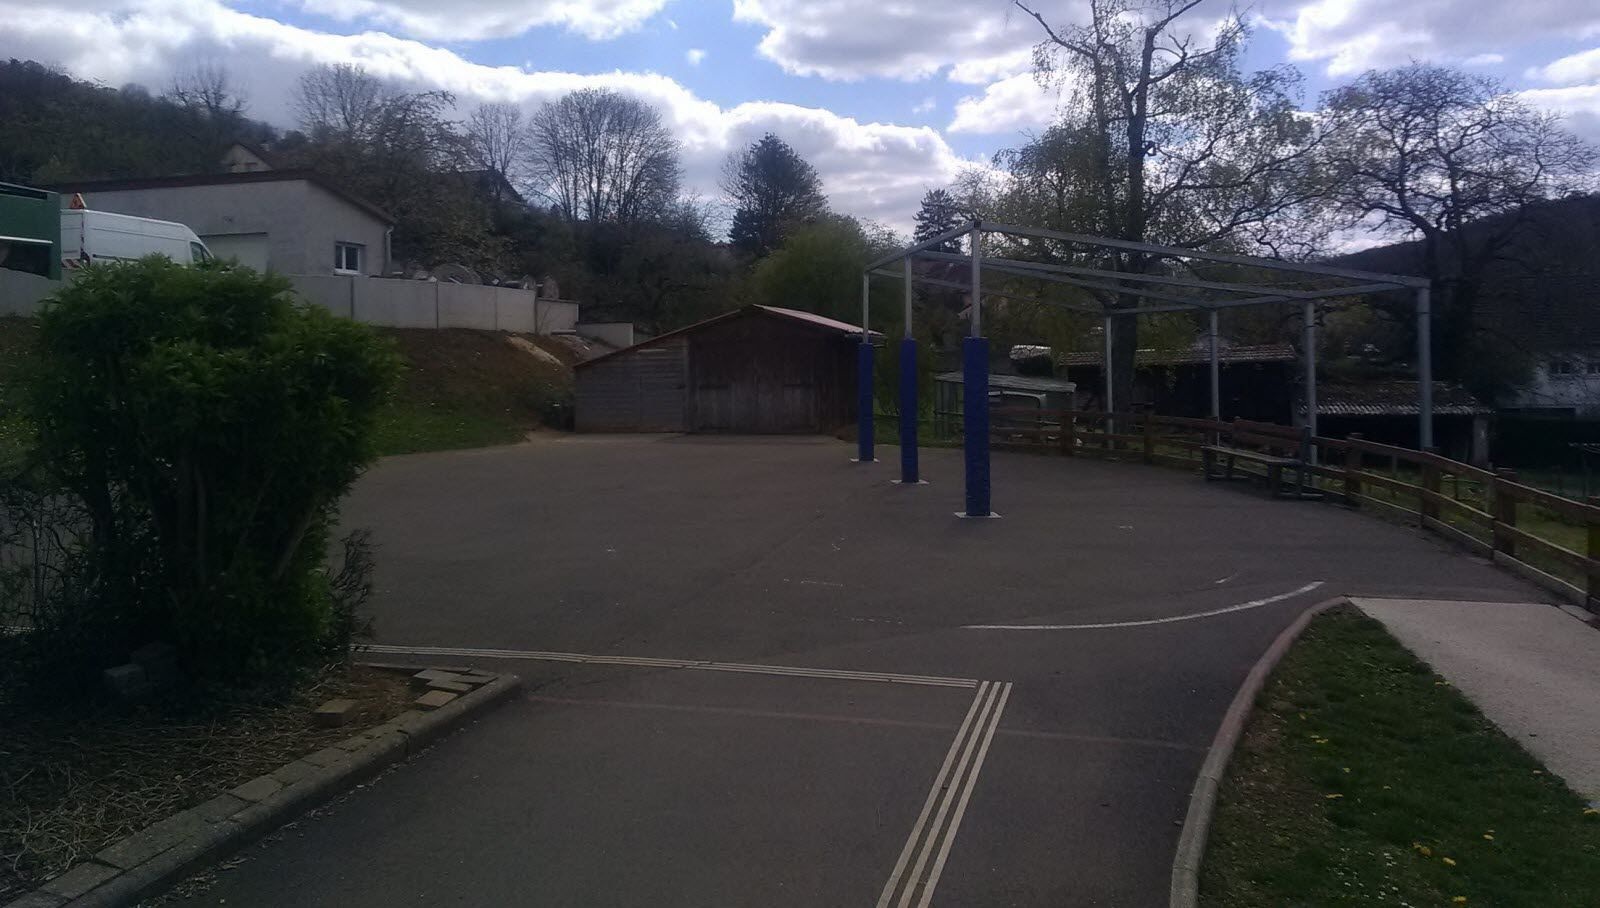 Les enfants de l'école maternelle de la Flandrière et du Diabolo mélinois auront un préau pour s'amuser dehors.  Photo ER